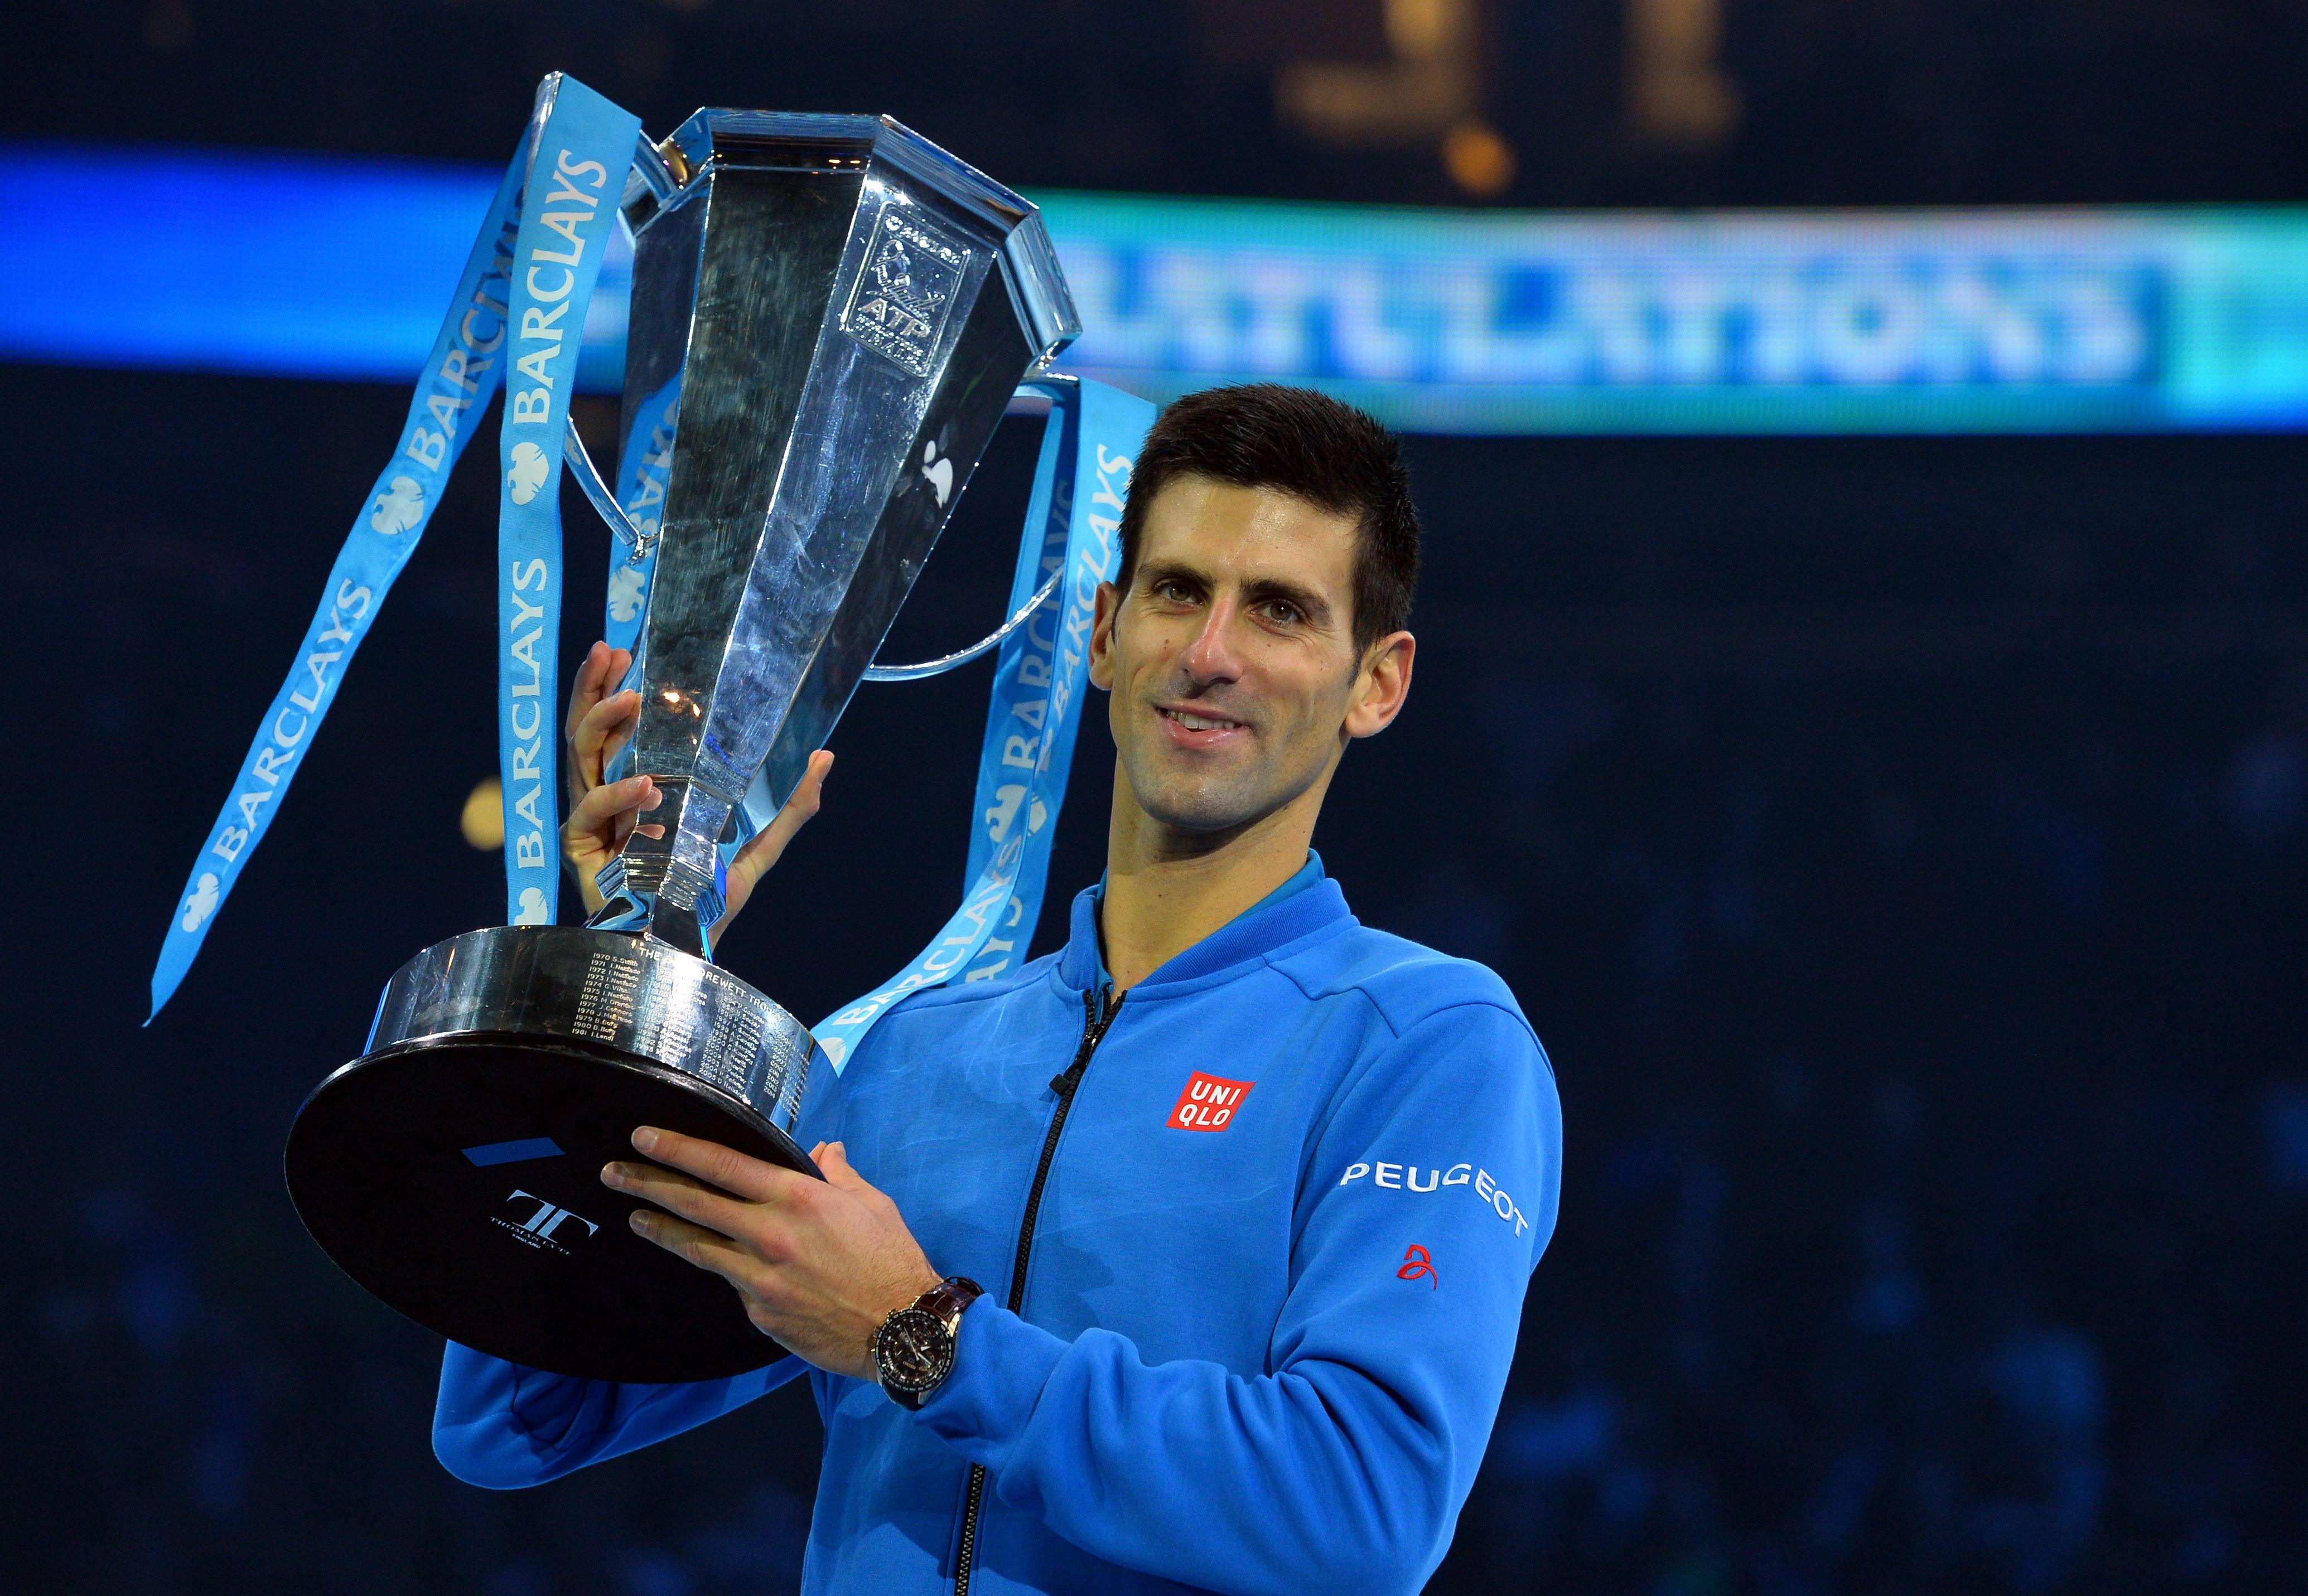 تصنيف محترفي التنس: الصدارة على حالها.. وثييم يواصل تقدمه